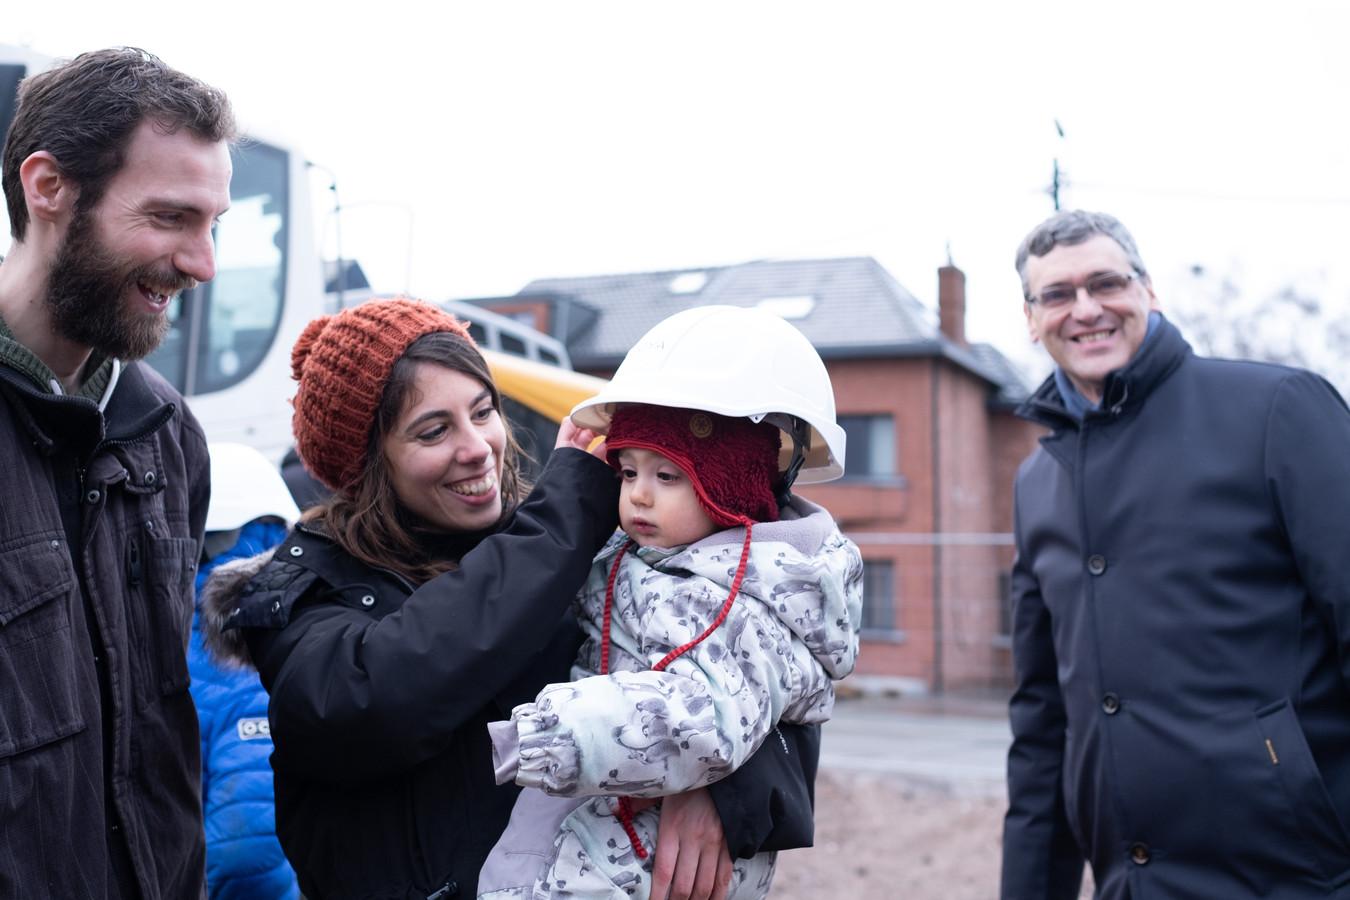 MUIZEN Start werken woondorp Noaze met een werfbezoek met toekomstige bewoners